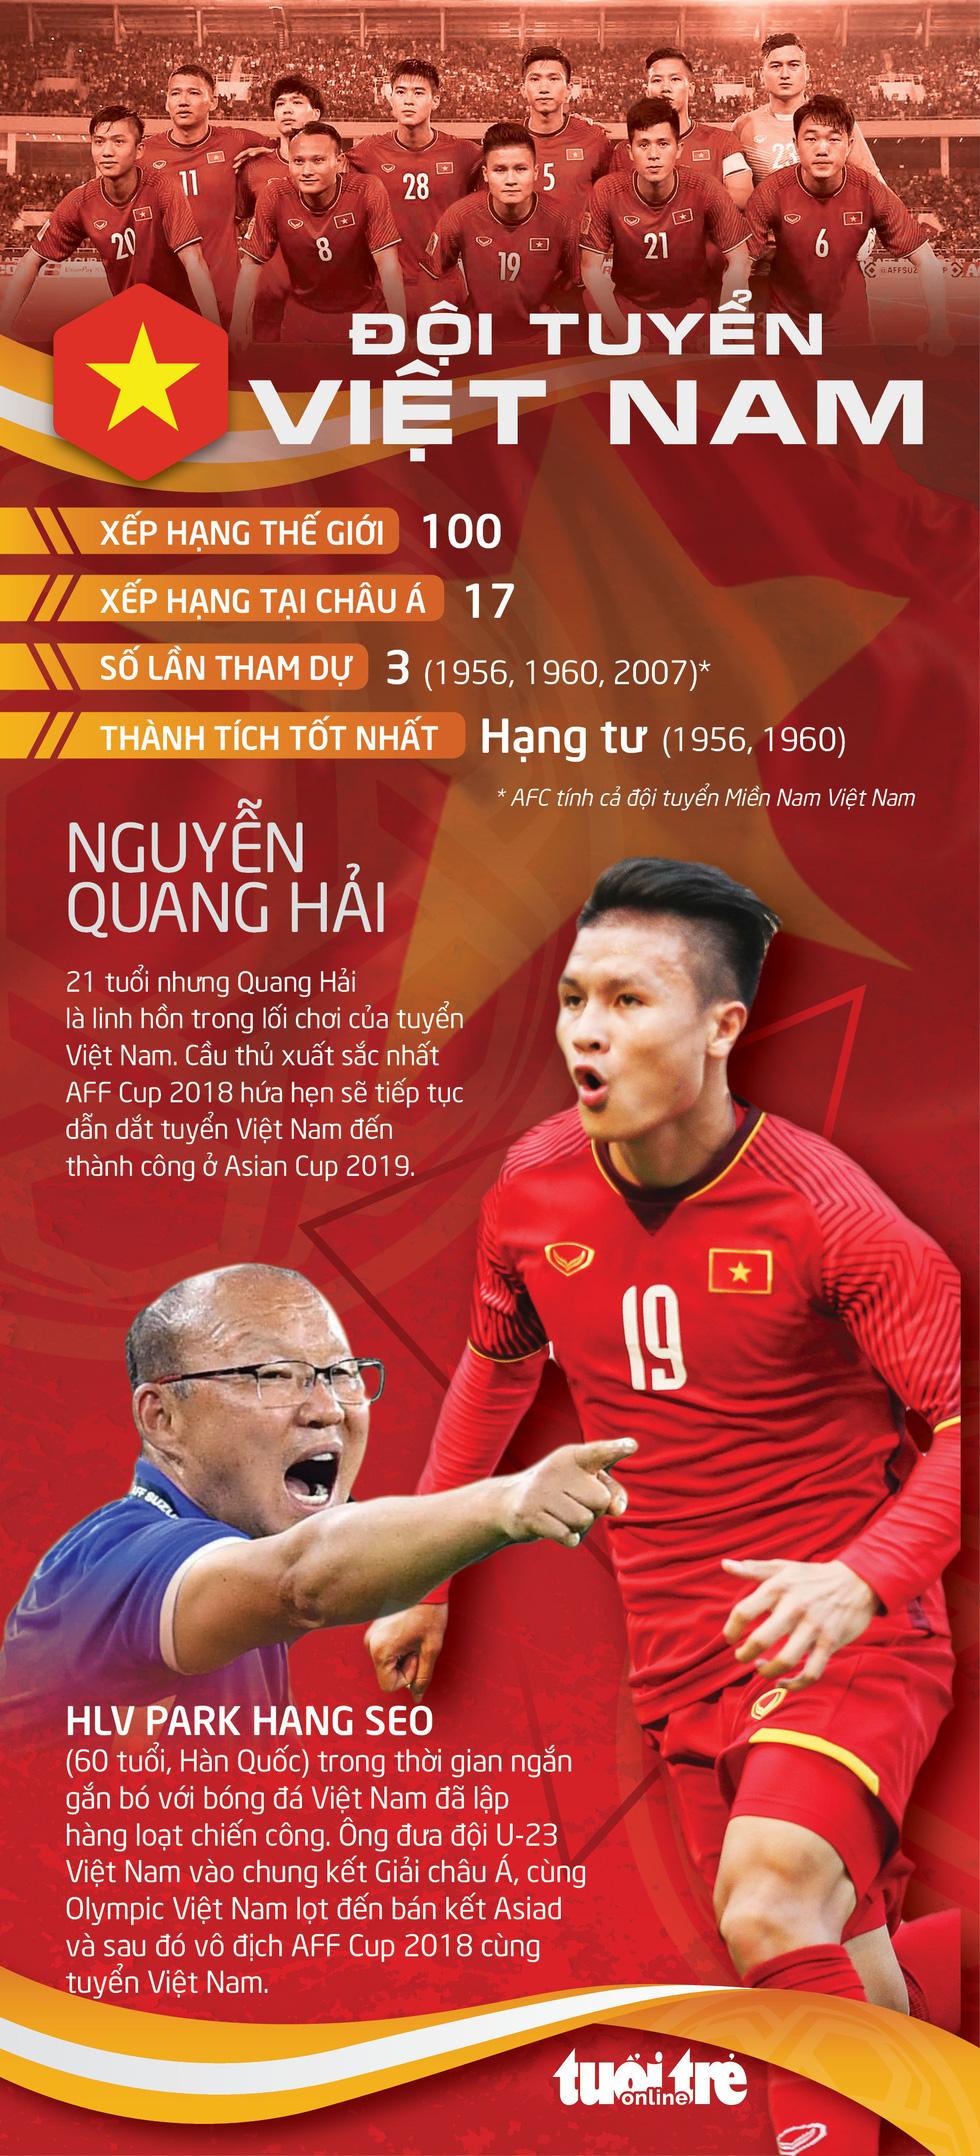 Bảng đấu của tuyển Việt Nam có phải bảng tử thần? - Ảnh 3.